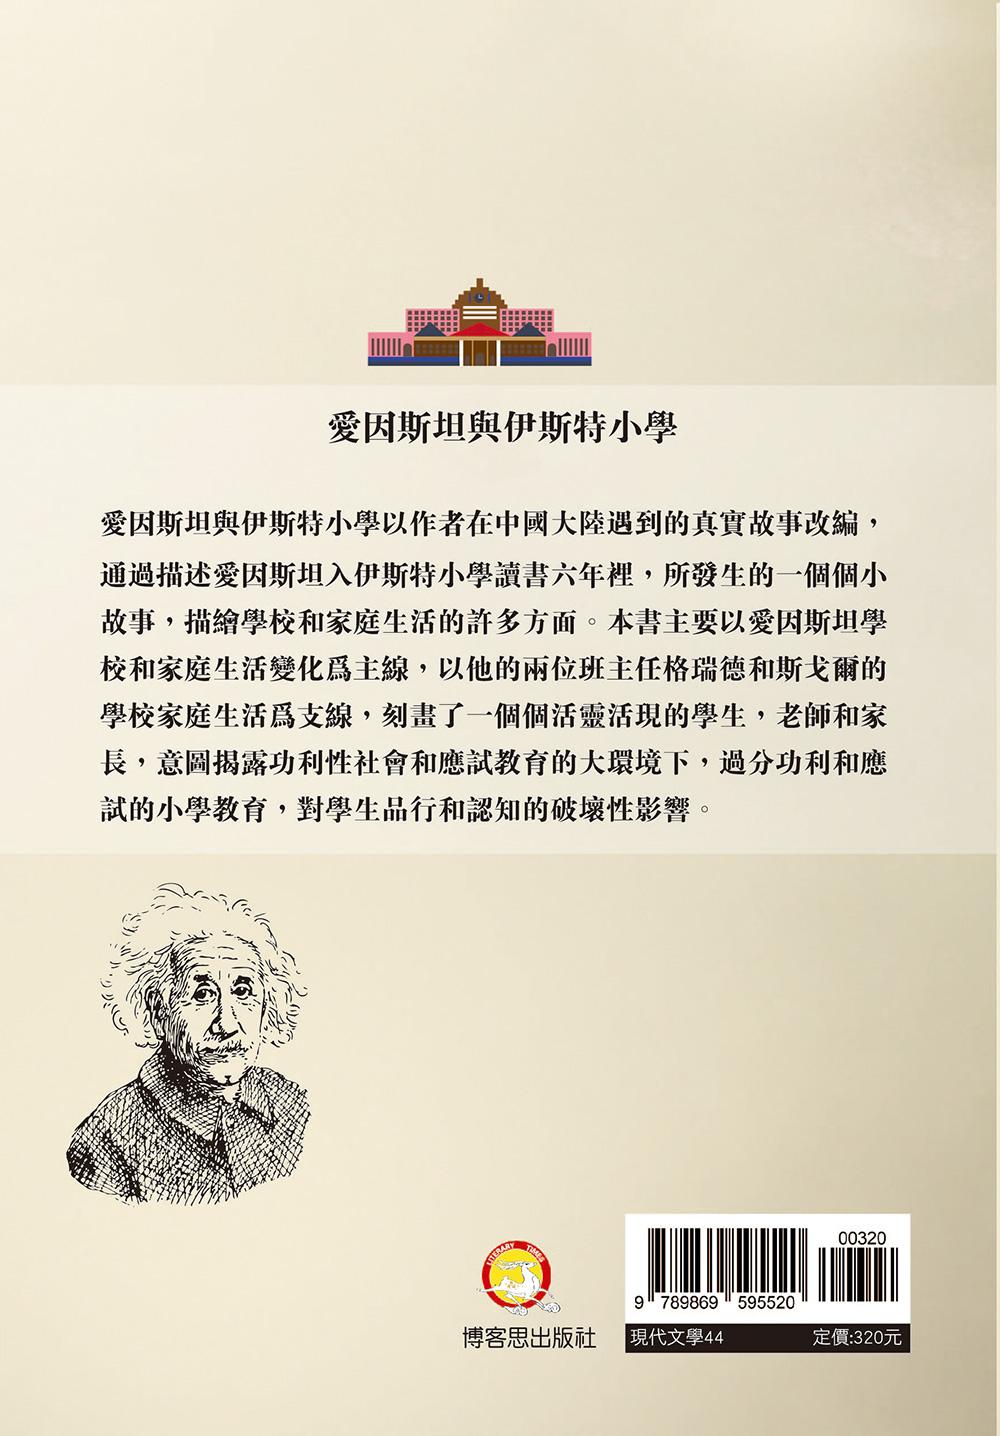 愛因斯坦與伊斯特小學